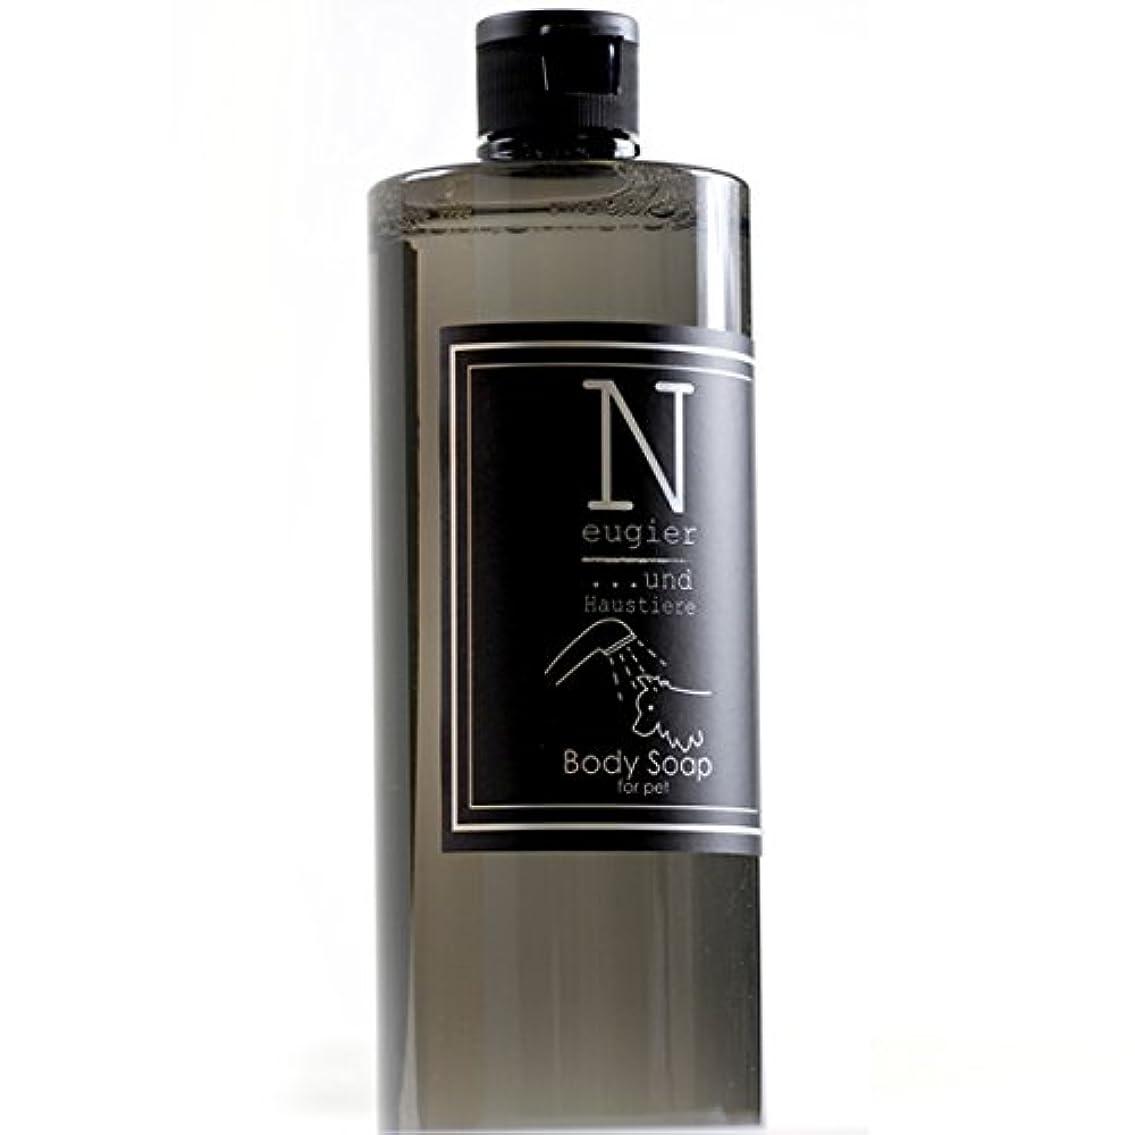 ダイバーキラウエア山樫の木Neugier ケアシリーズ body Soap (ボディーソープ/ペットシャンプー) (500)